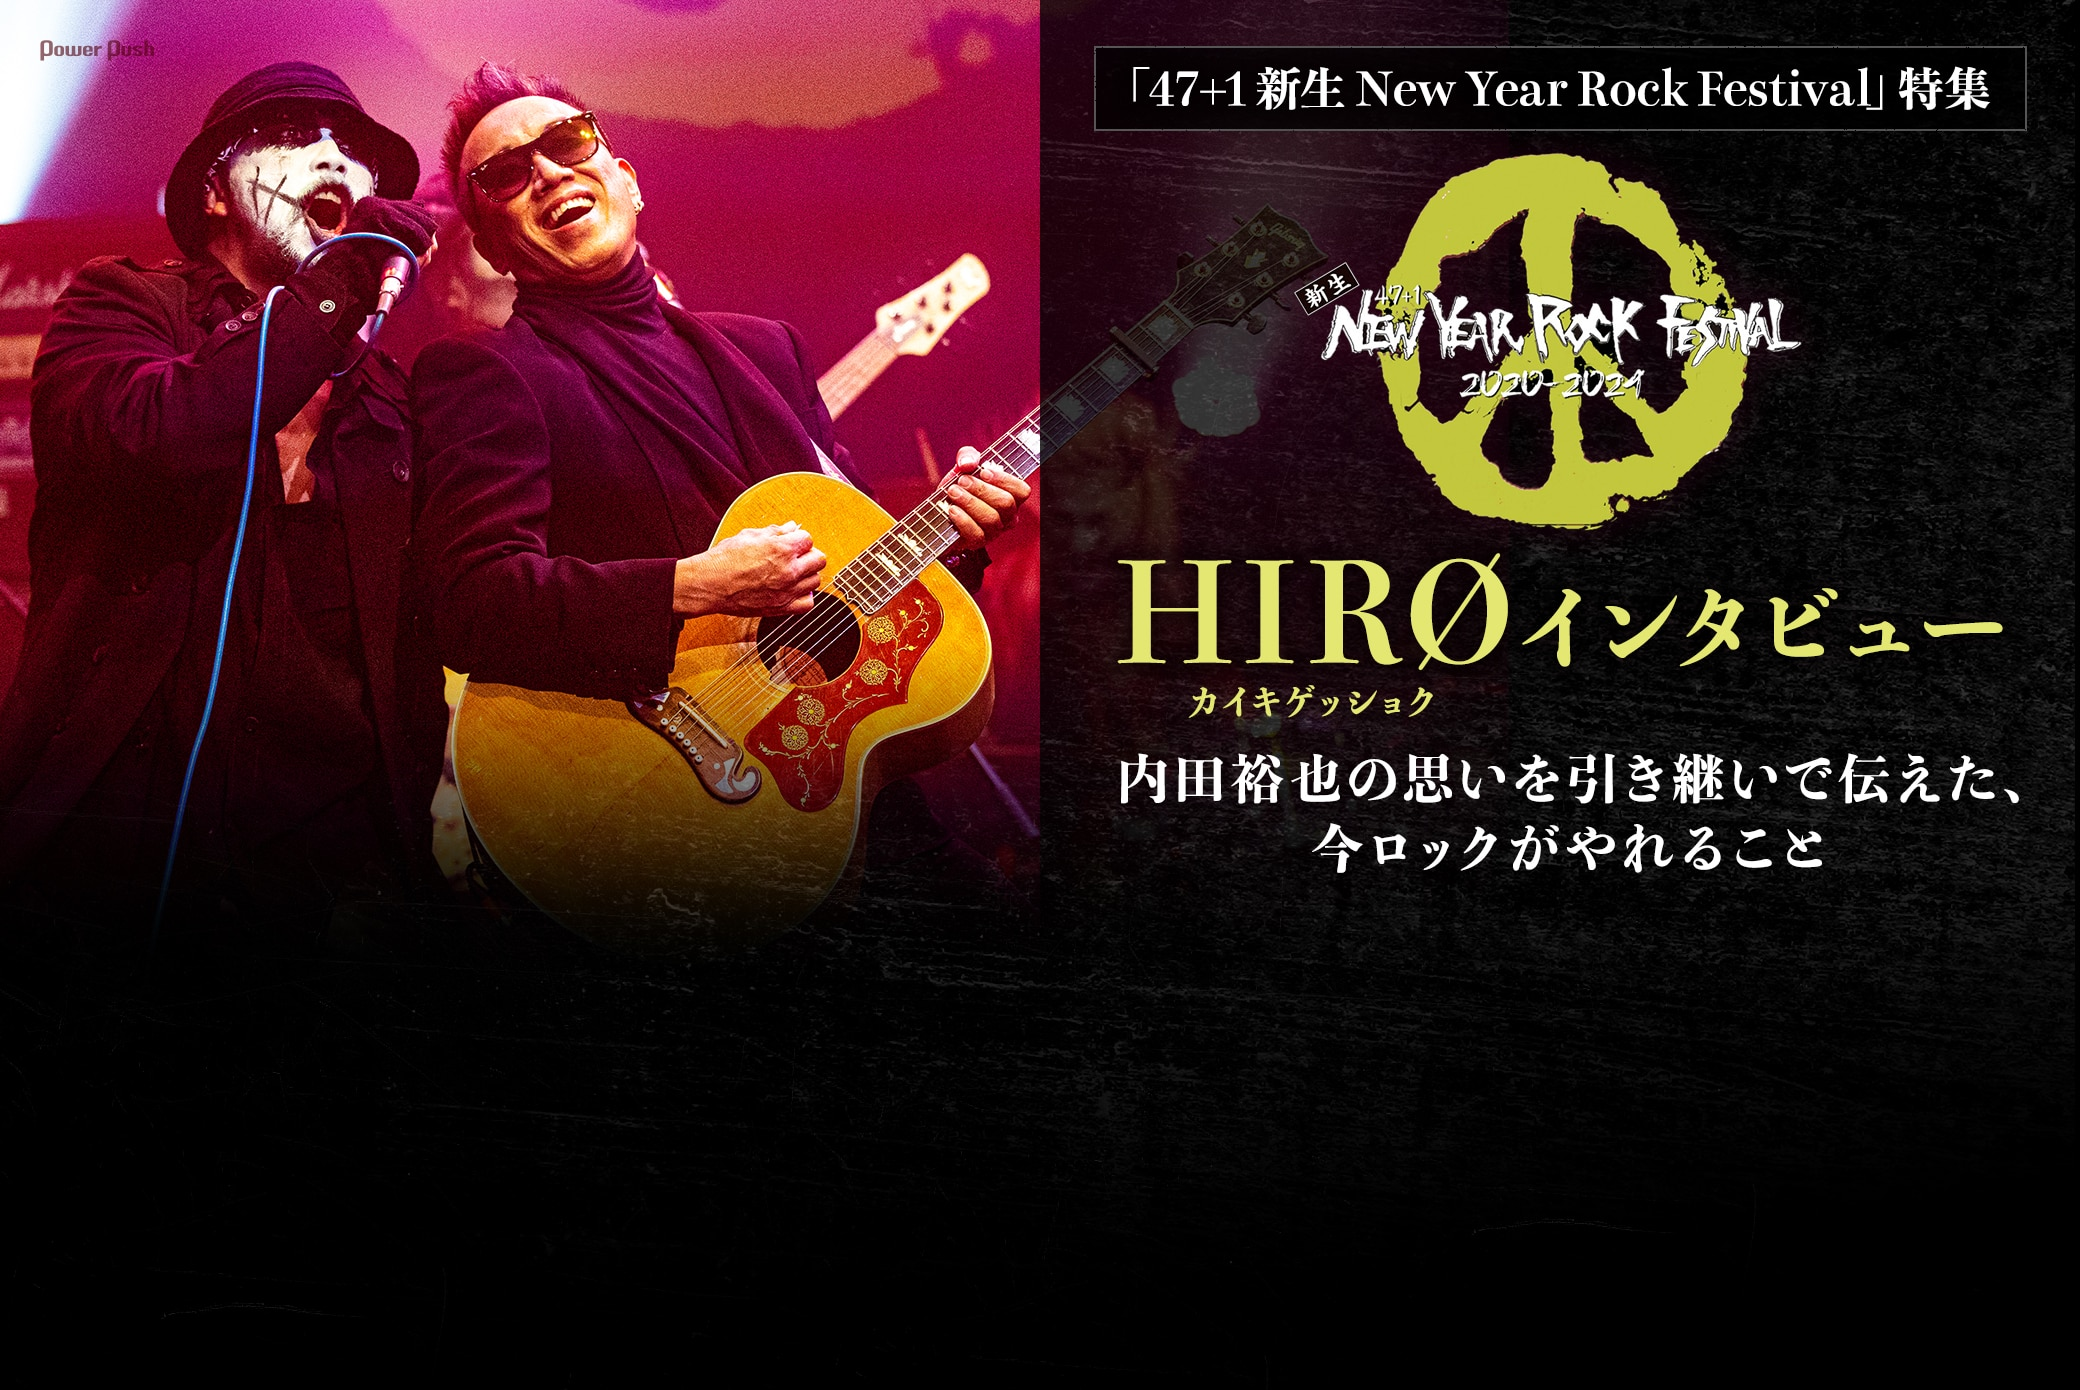 「47+1 新生 New Year Rock Festival」特集 HIRØ(カイキゲッショク)インタビュー 内田裕也の思いを引き継いで伝えた、今ロックがやれること